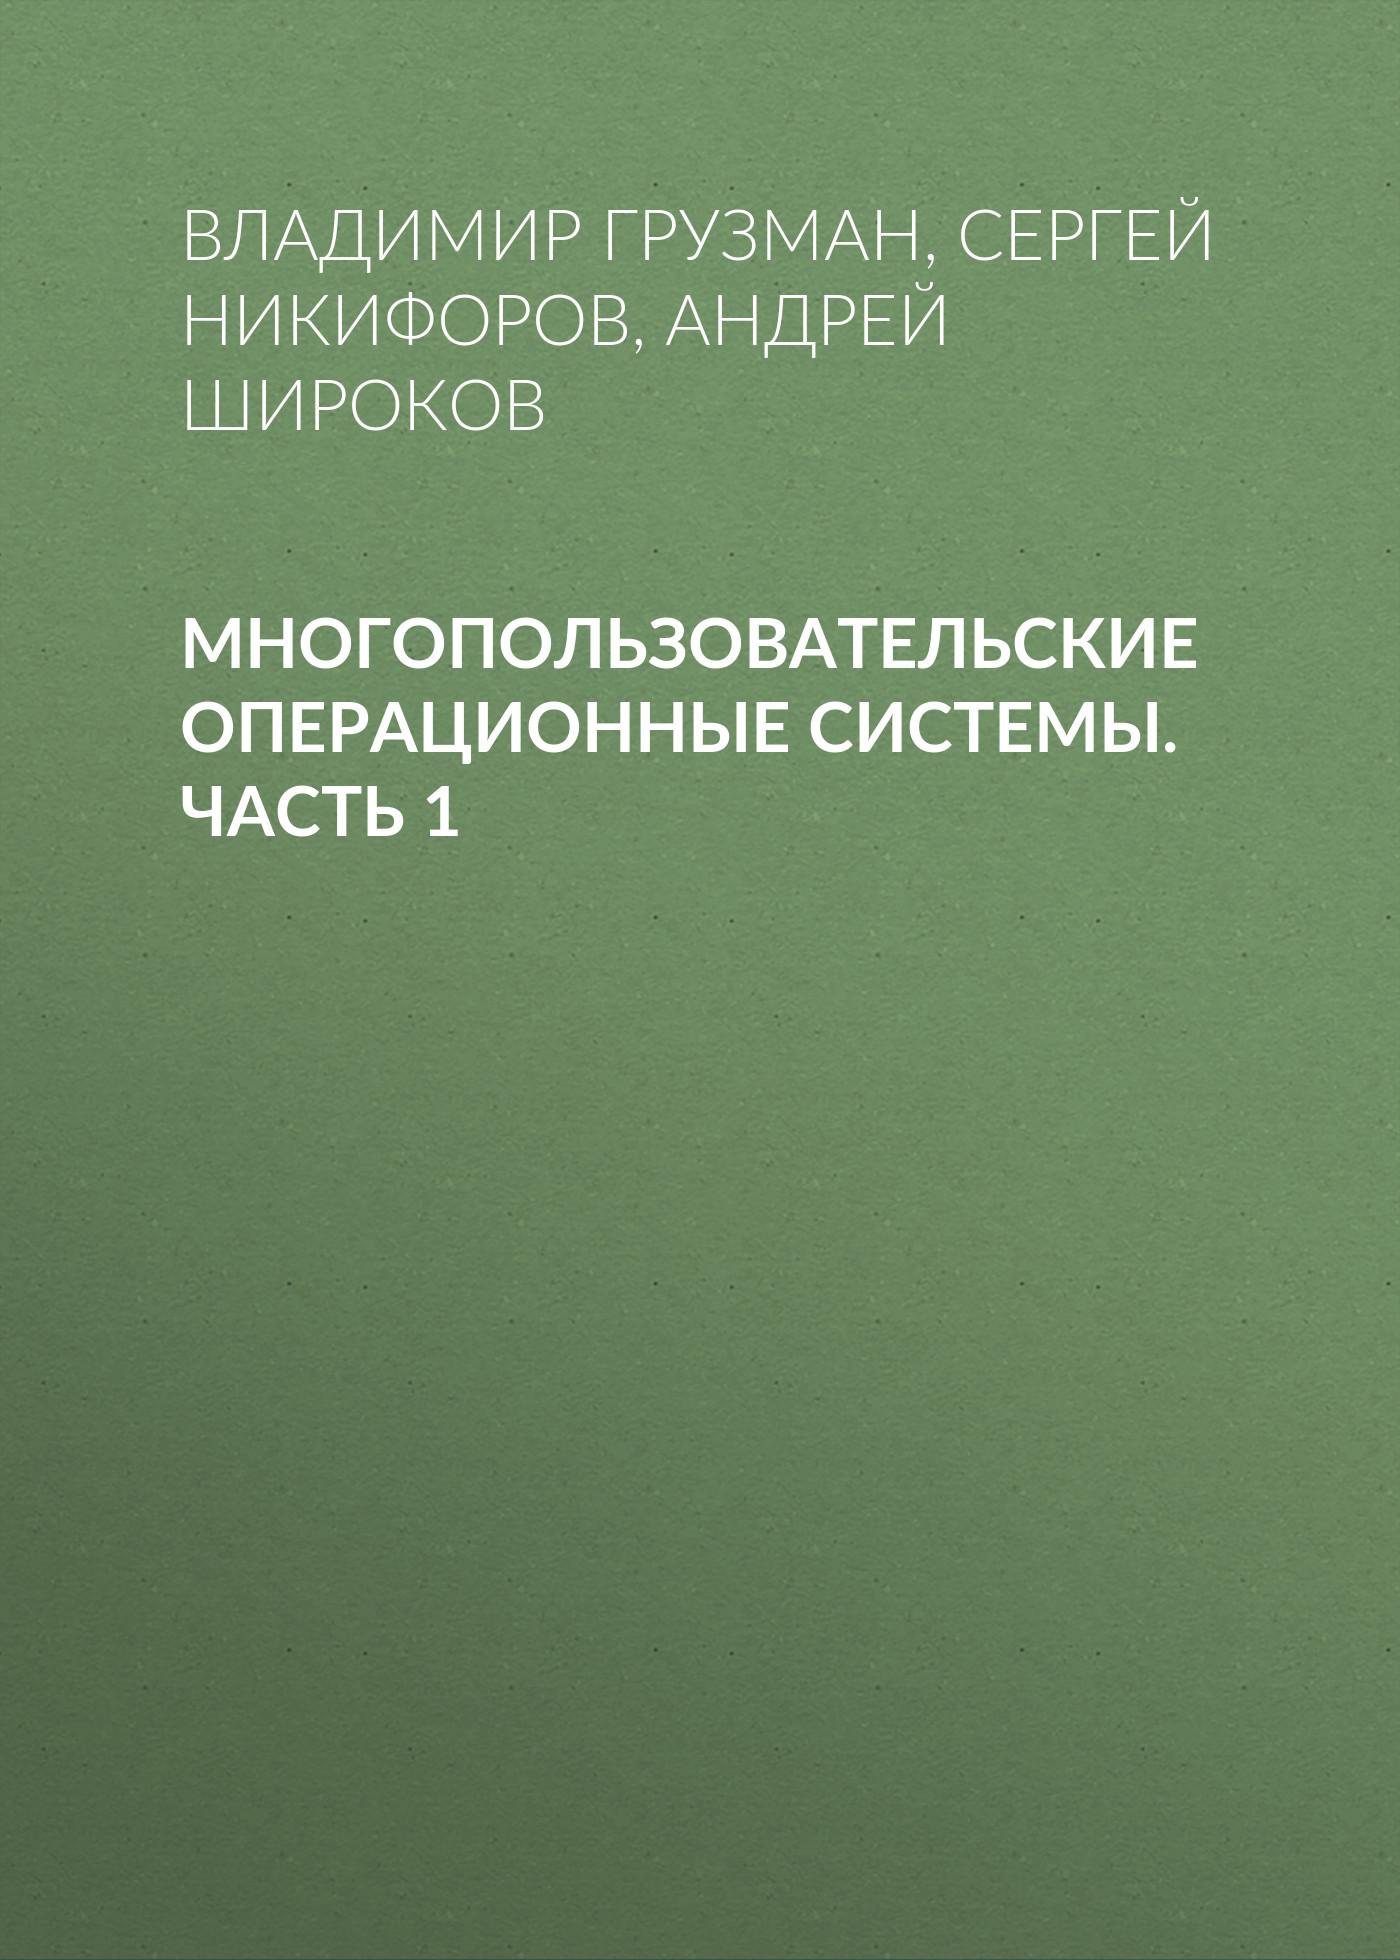 цена на Андрей Широков Многопользовательские операционные системы. Часть 1